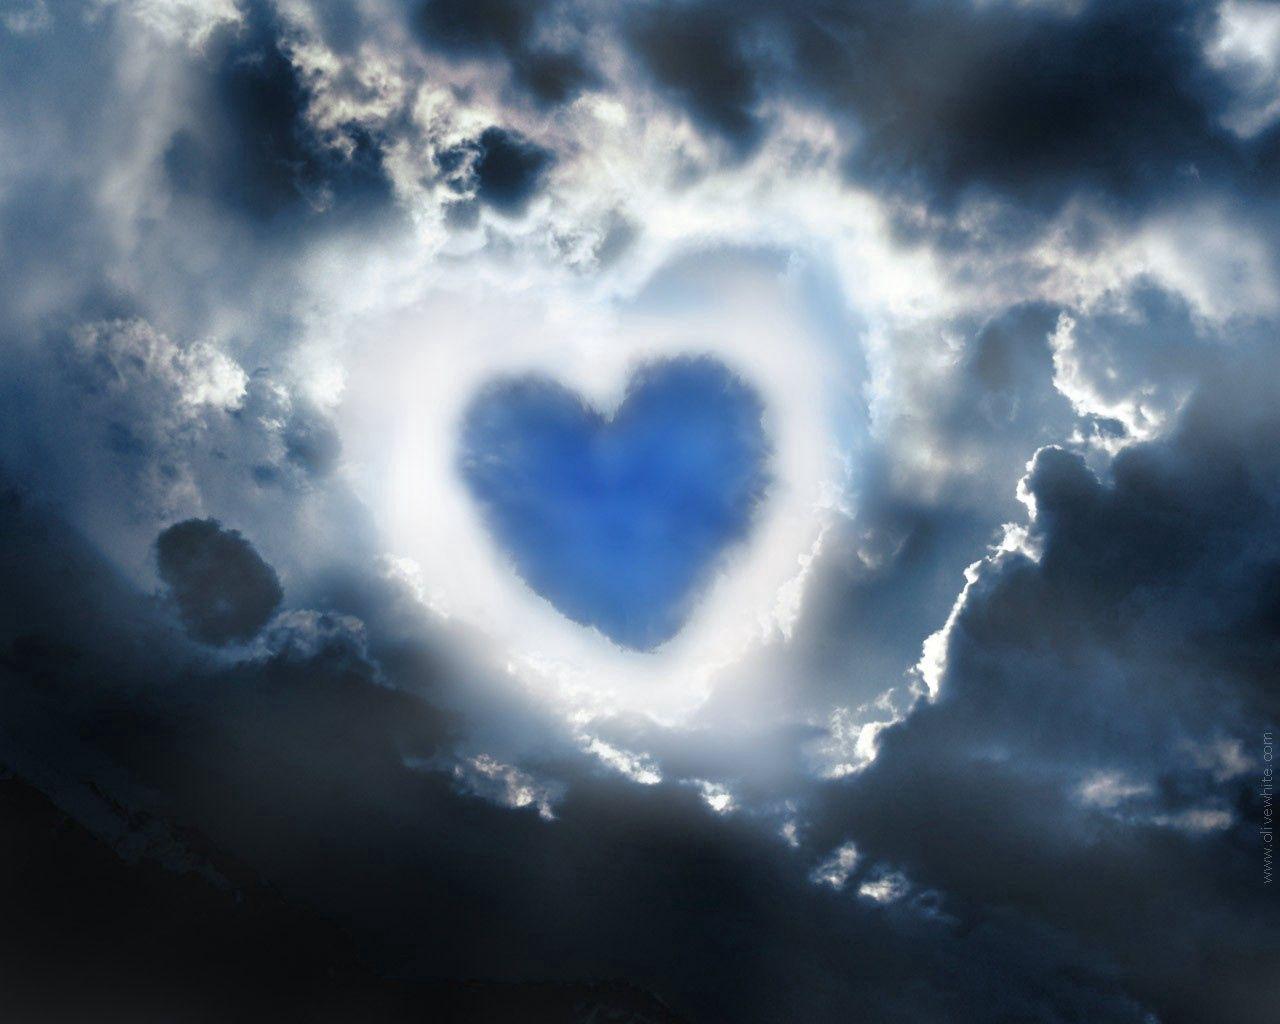 100618 économiseurs d'écran et fonds d'écran Amour sur votre téléphone. Téléchargez Sky, Nuages, Amour, Briller, Lumière, Cœur, Un Cœur images gratuitement